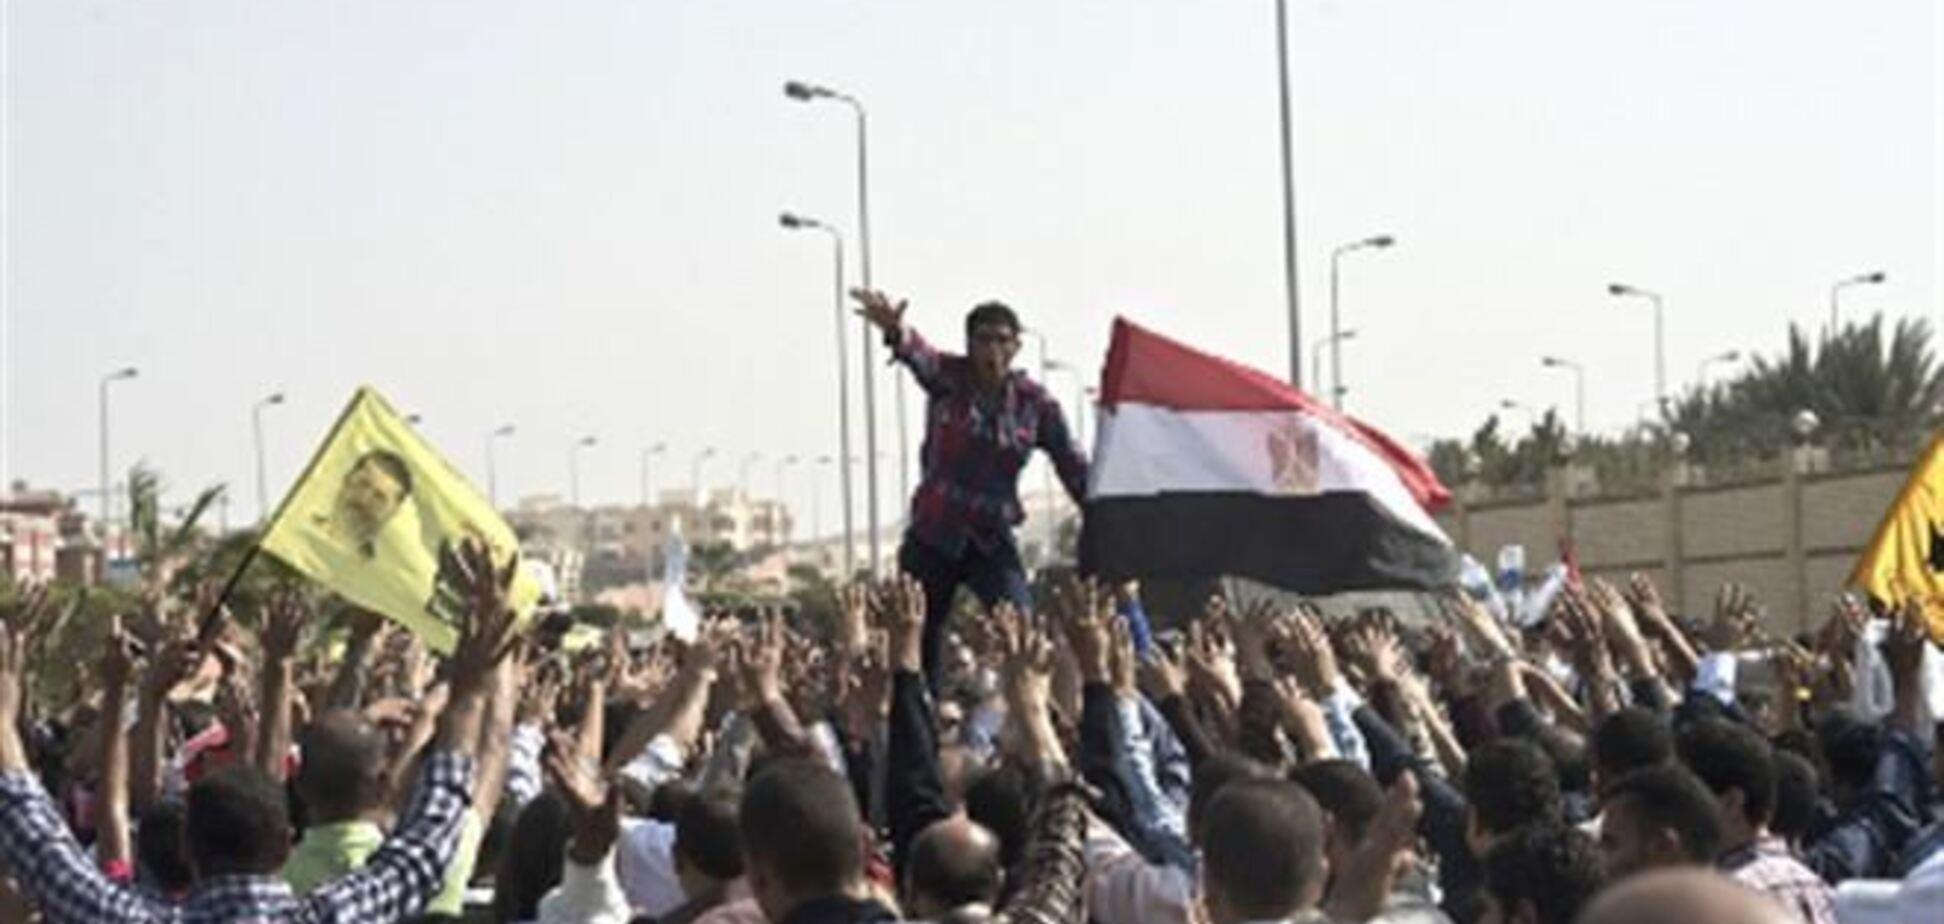 В Египте отныне все митинги необходимо согласовывать с властью